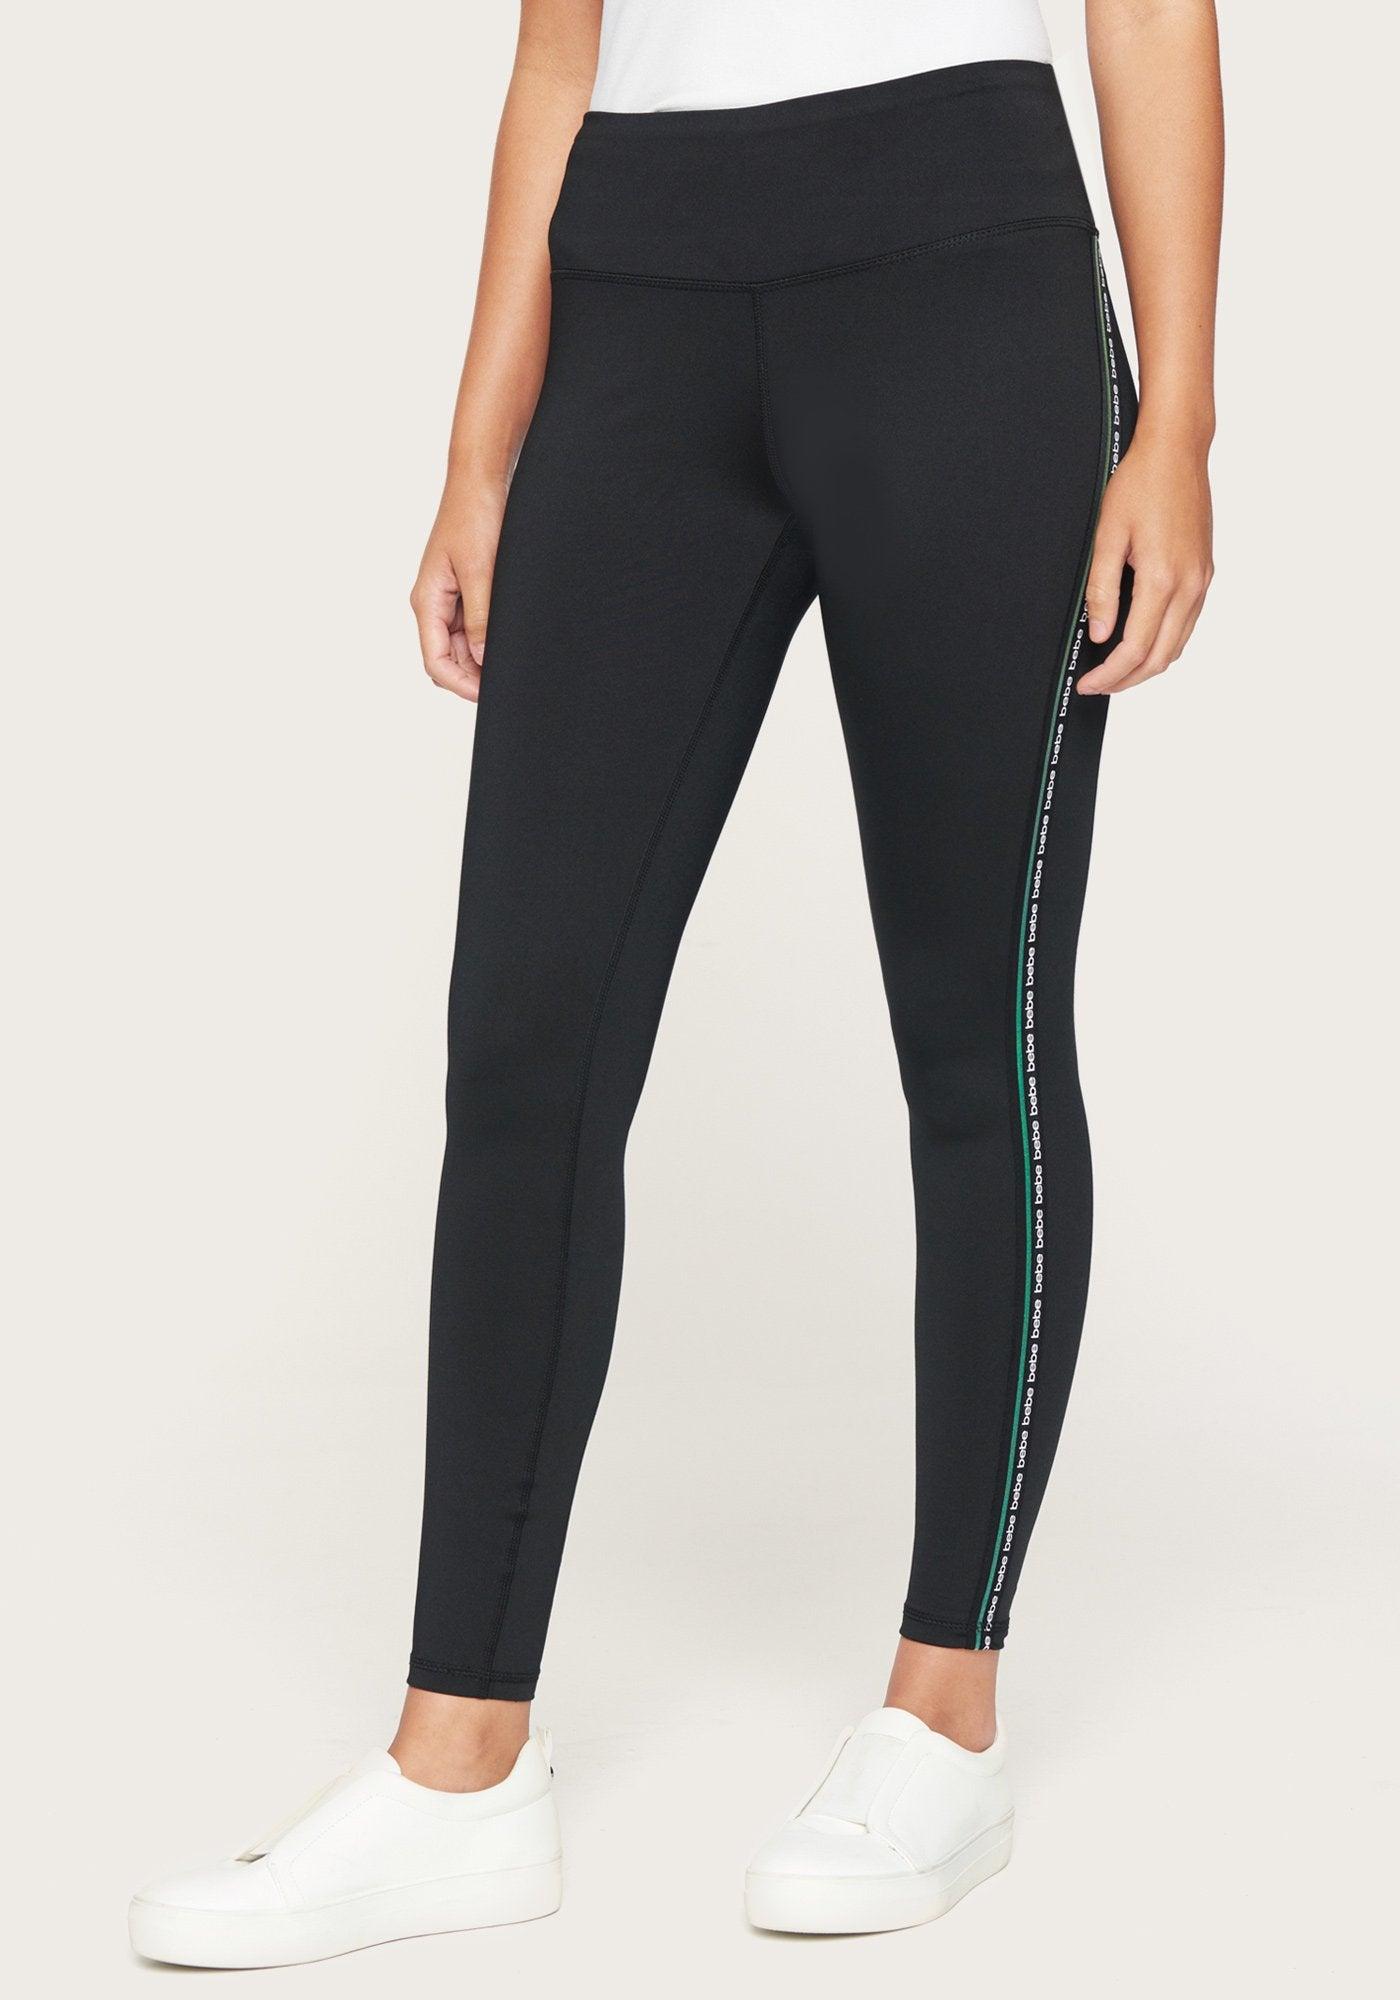 bebe Women's Bebe Sport Lurex Stripe Legging, Size XL in Neon Green Spandex